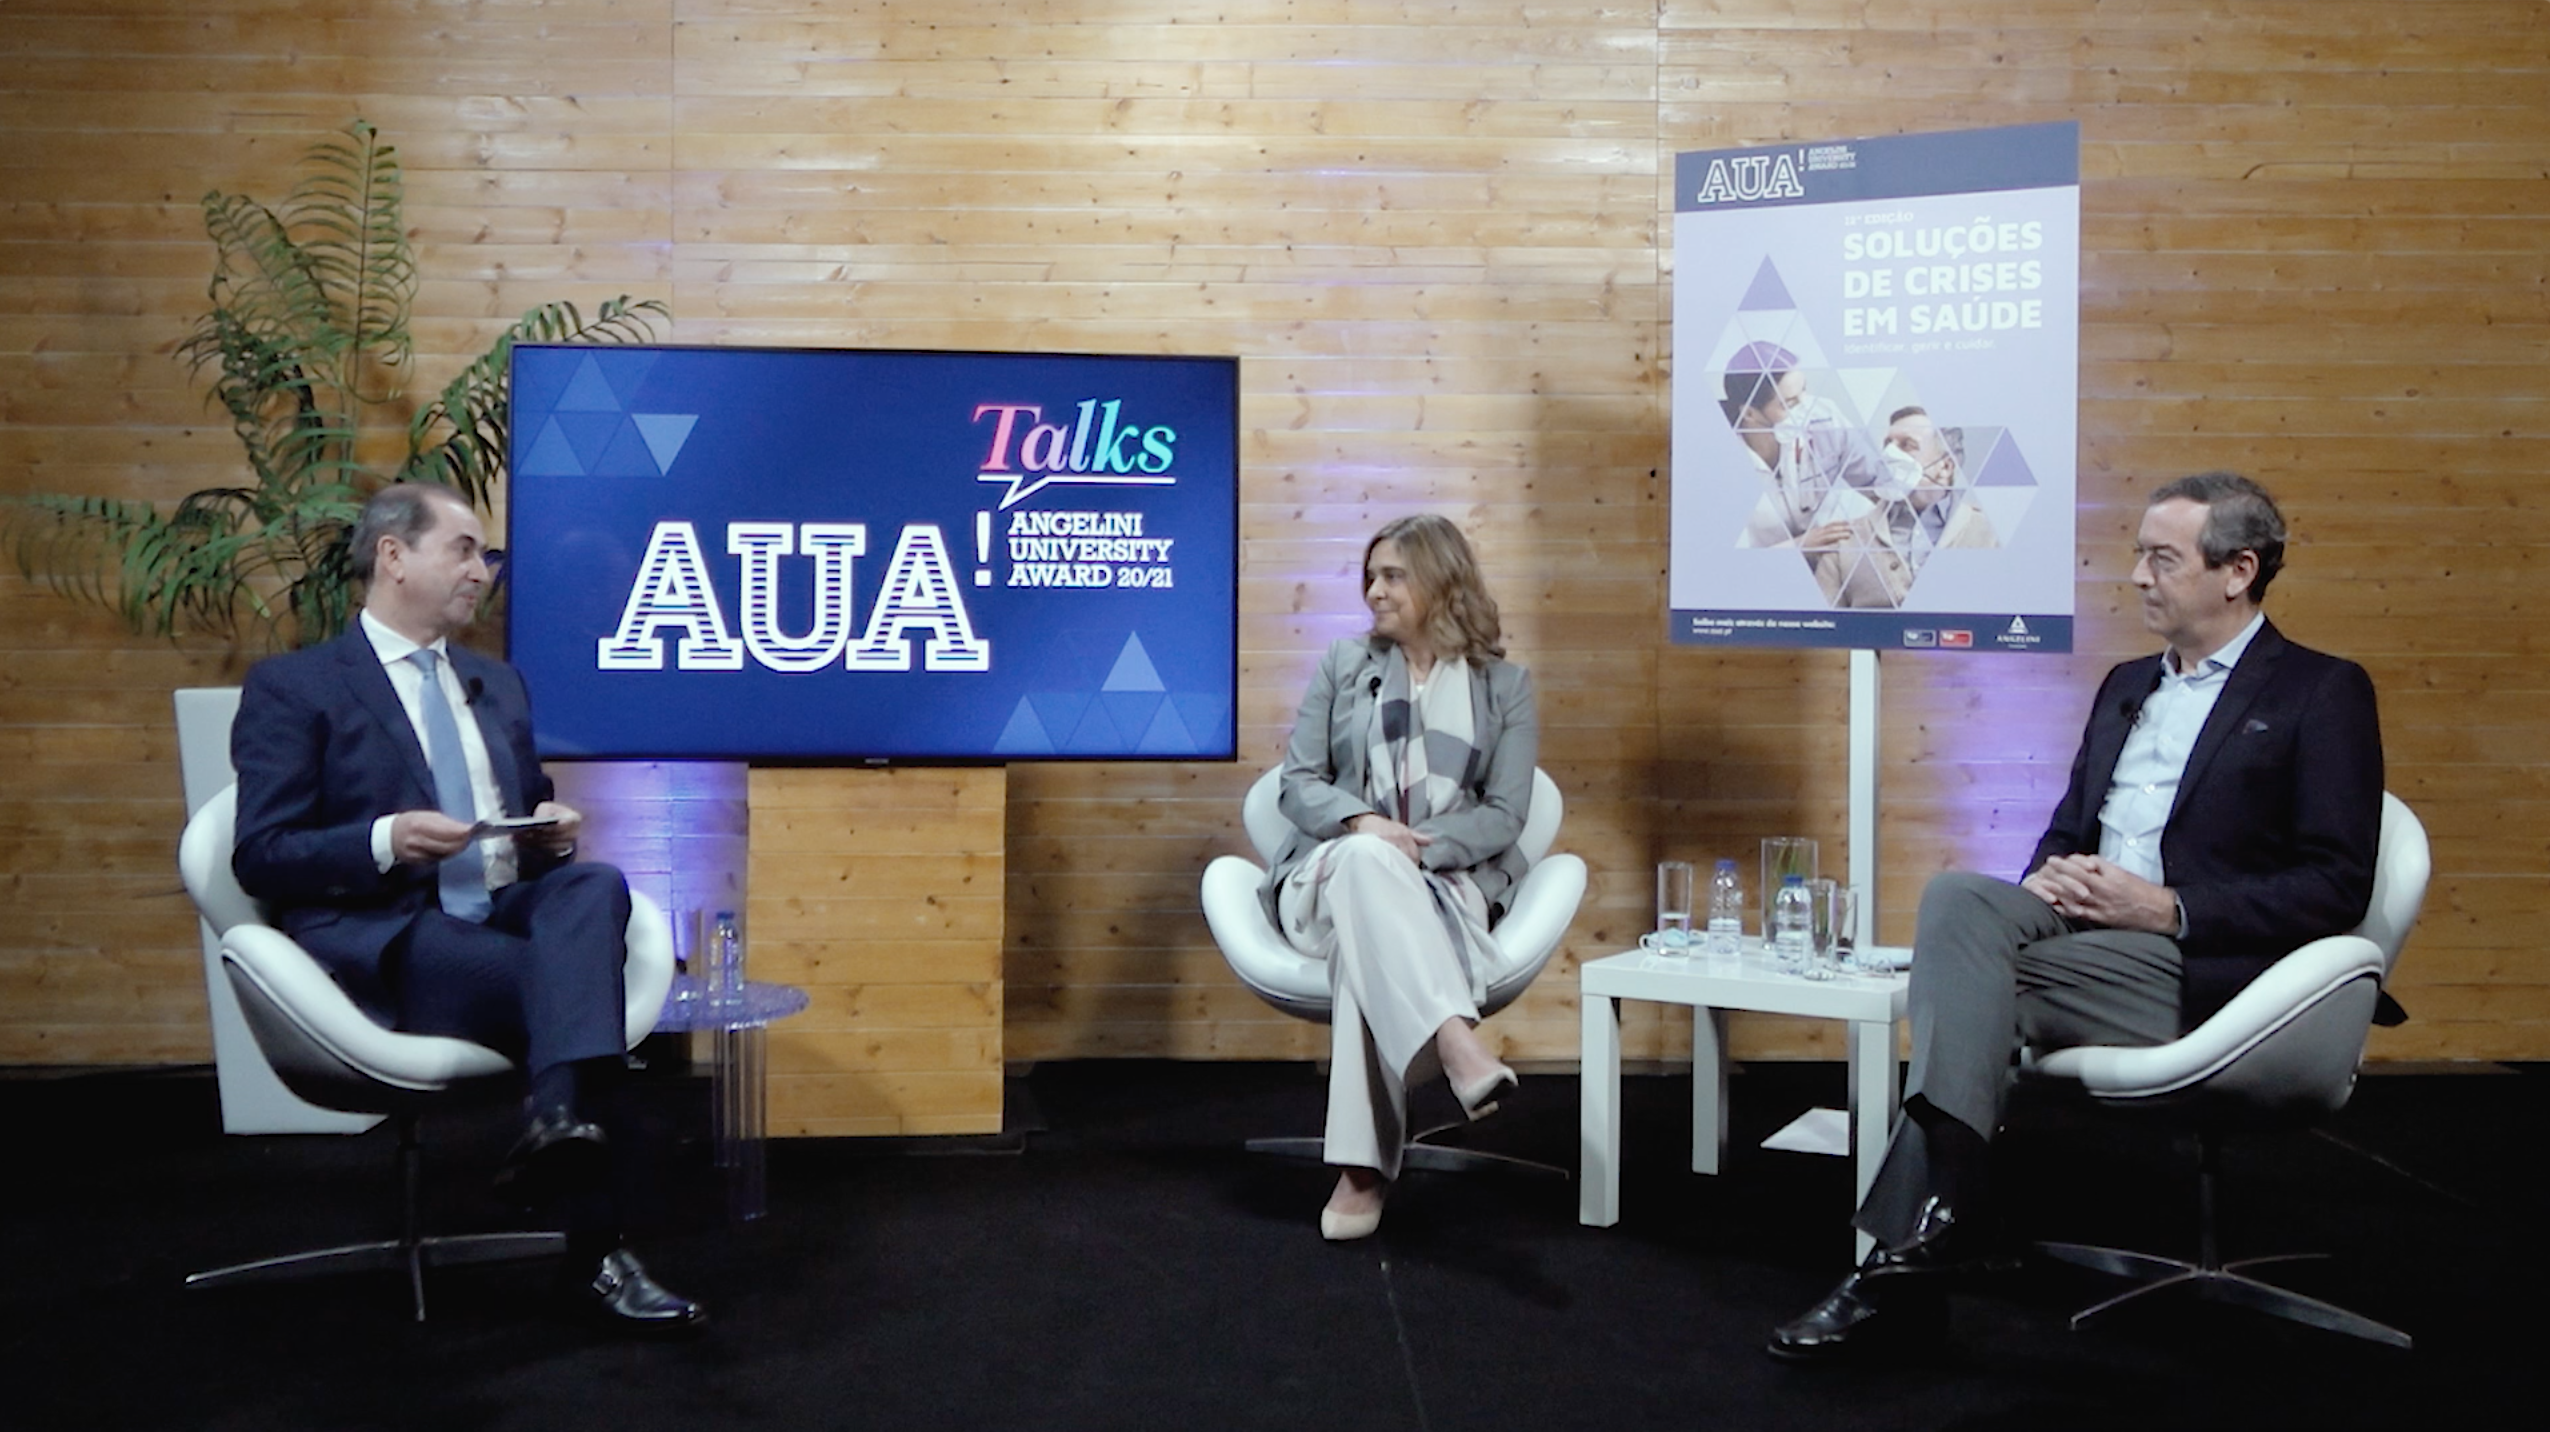 #1 AUA!talks